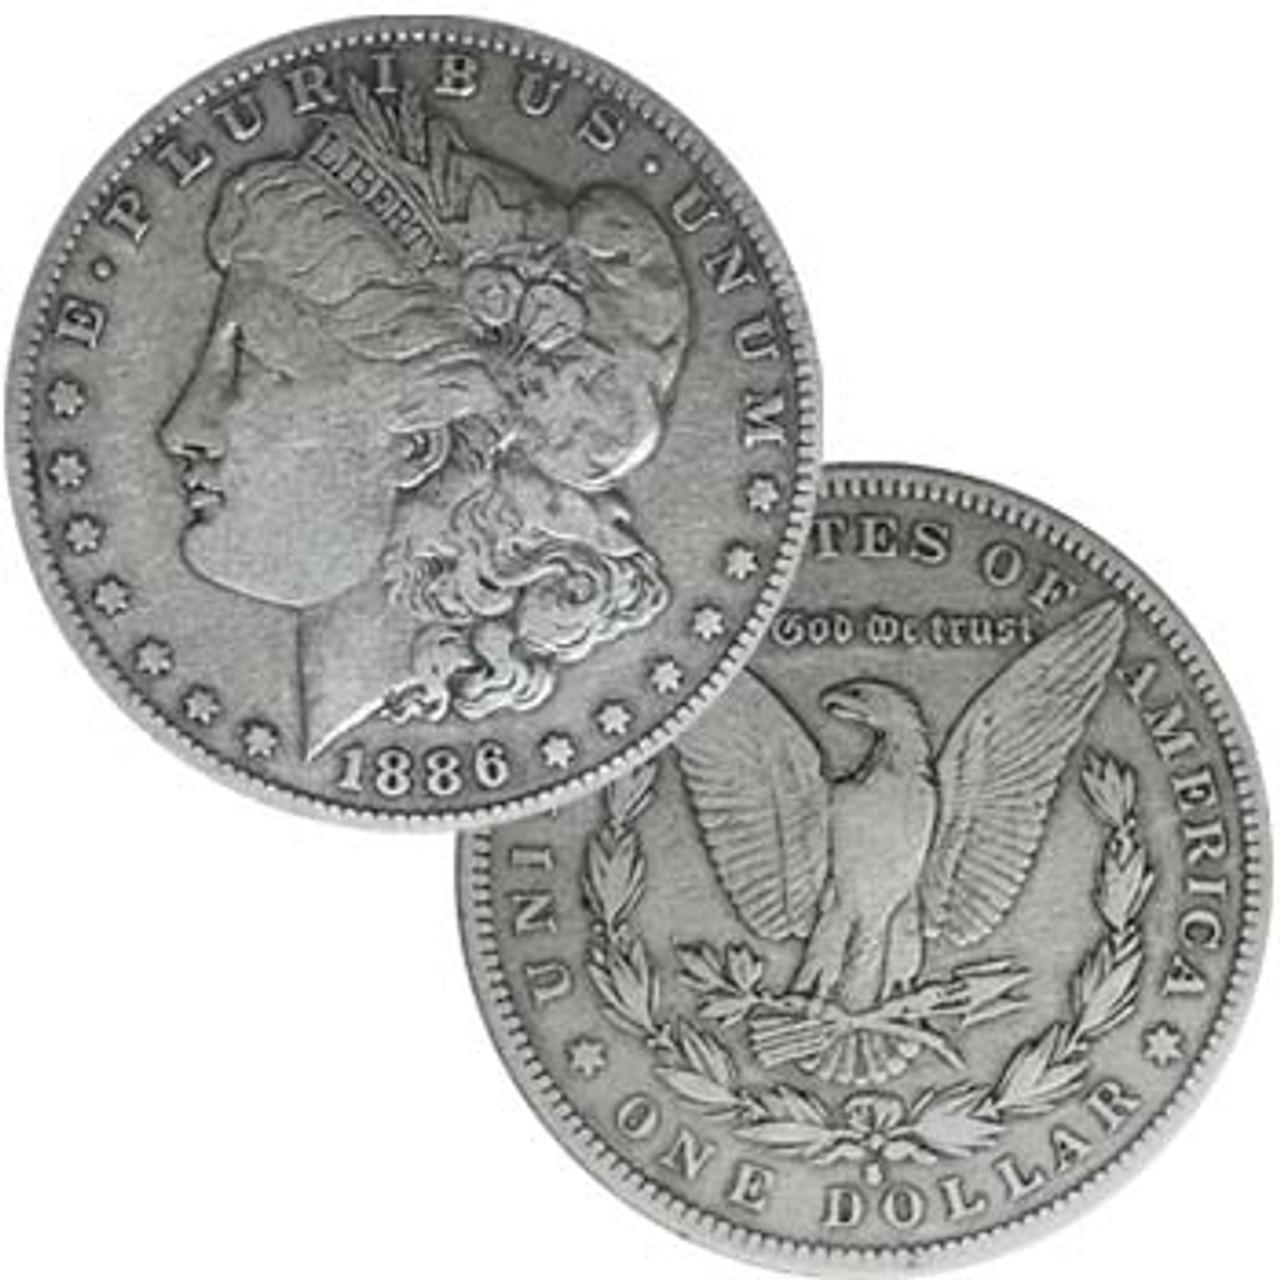 1886-S Morgan Silver Dollar Very Fine Image 1